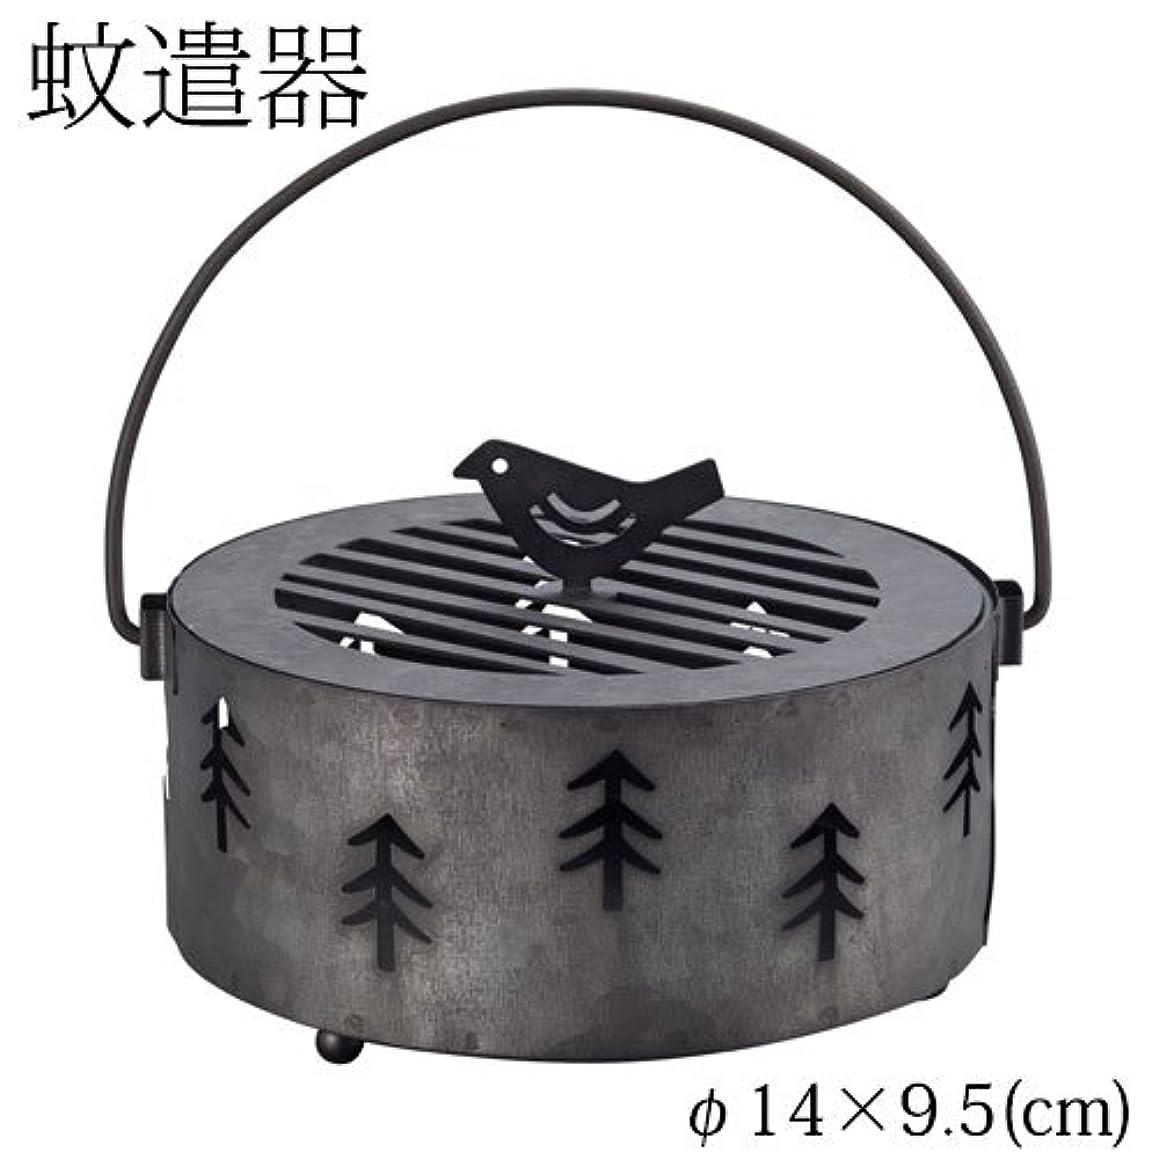 宣言する摂氏離婚DECOLE 蚊遣り箱 森 (ZBZ-37414) スチール製蚊遣器 Kayari of Steel